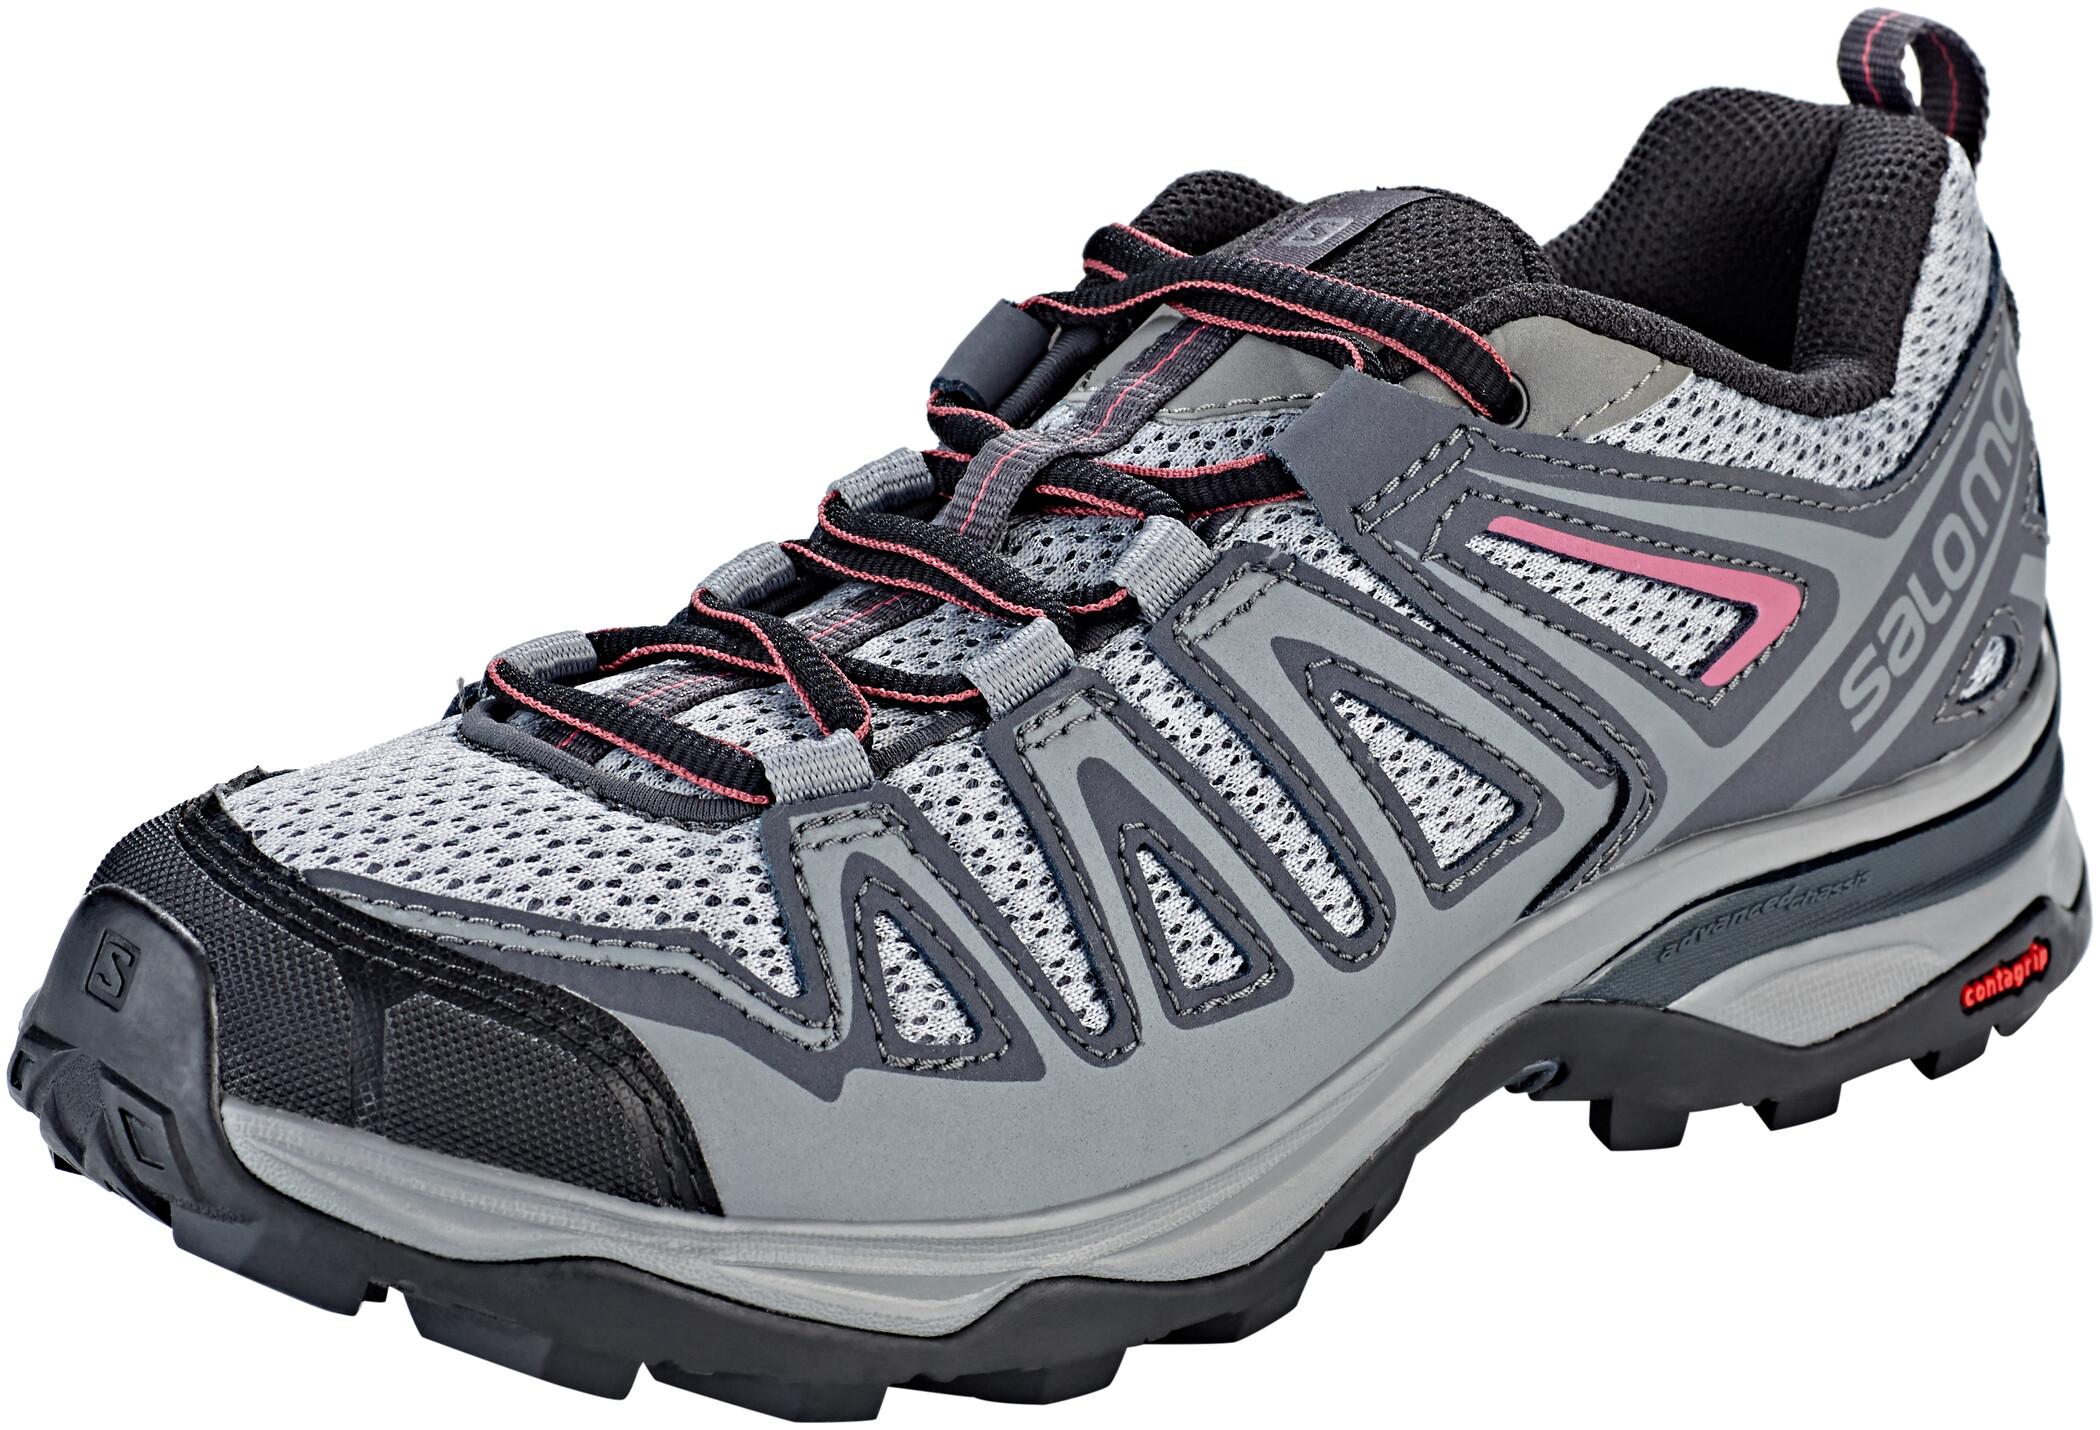 Salomon X Ultra 3 Prime Schuhe Damen alloyebonymalaga